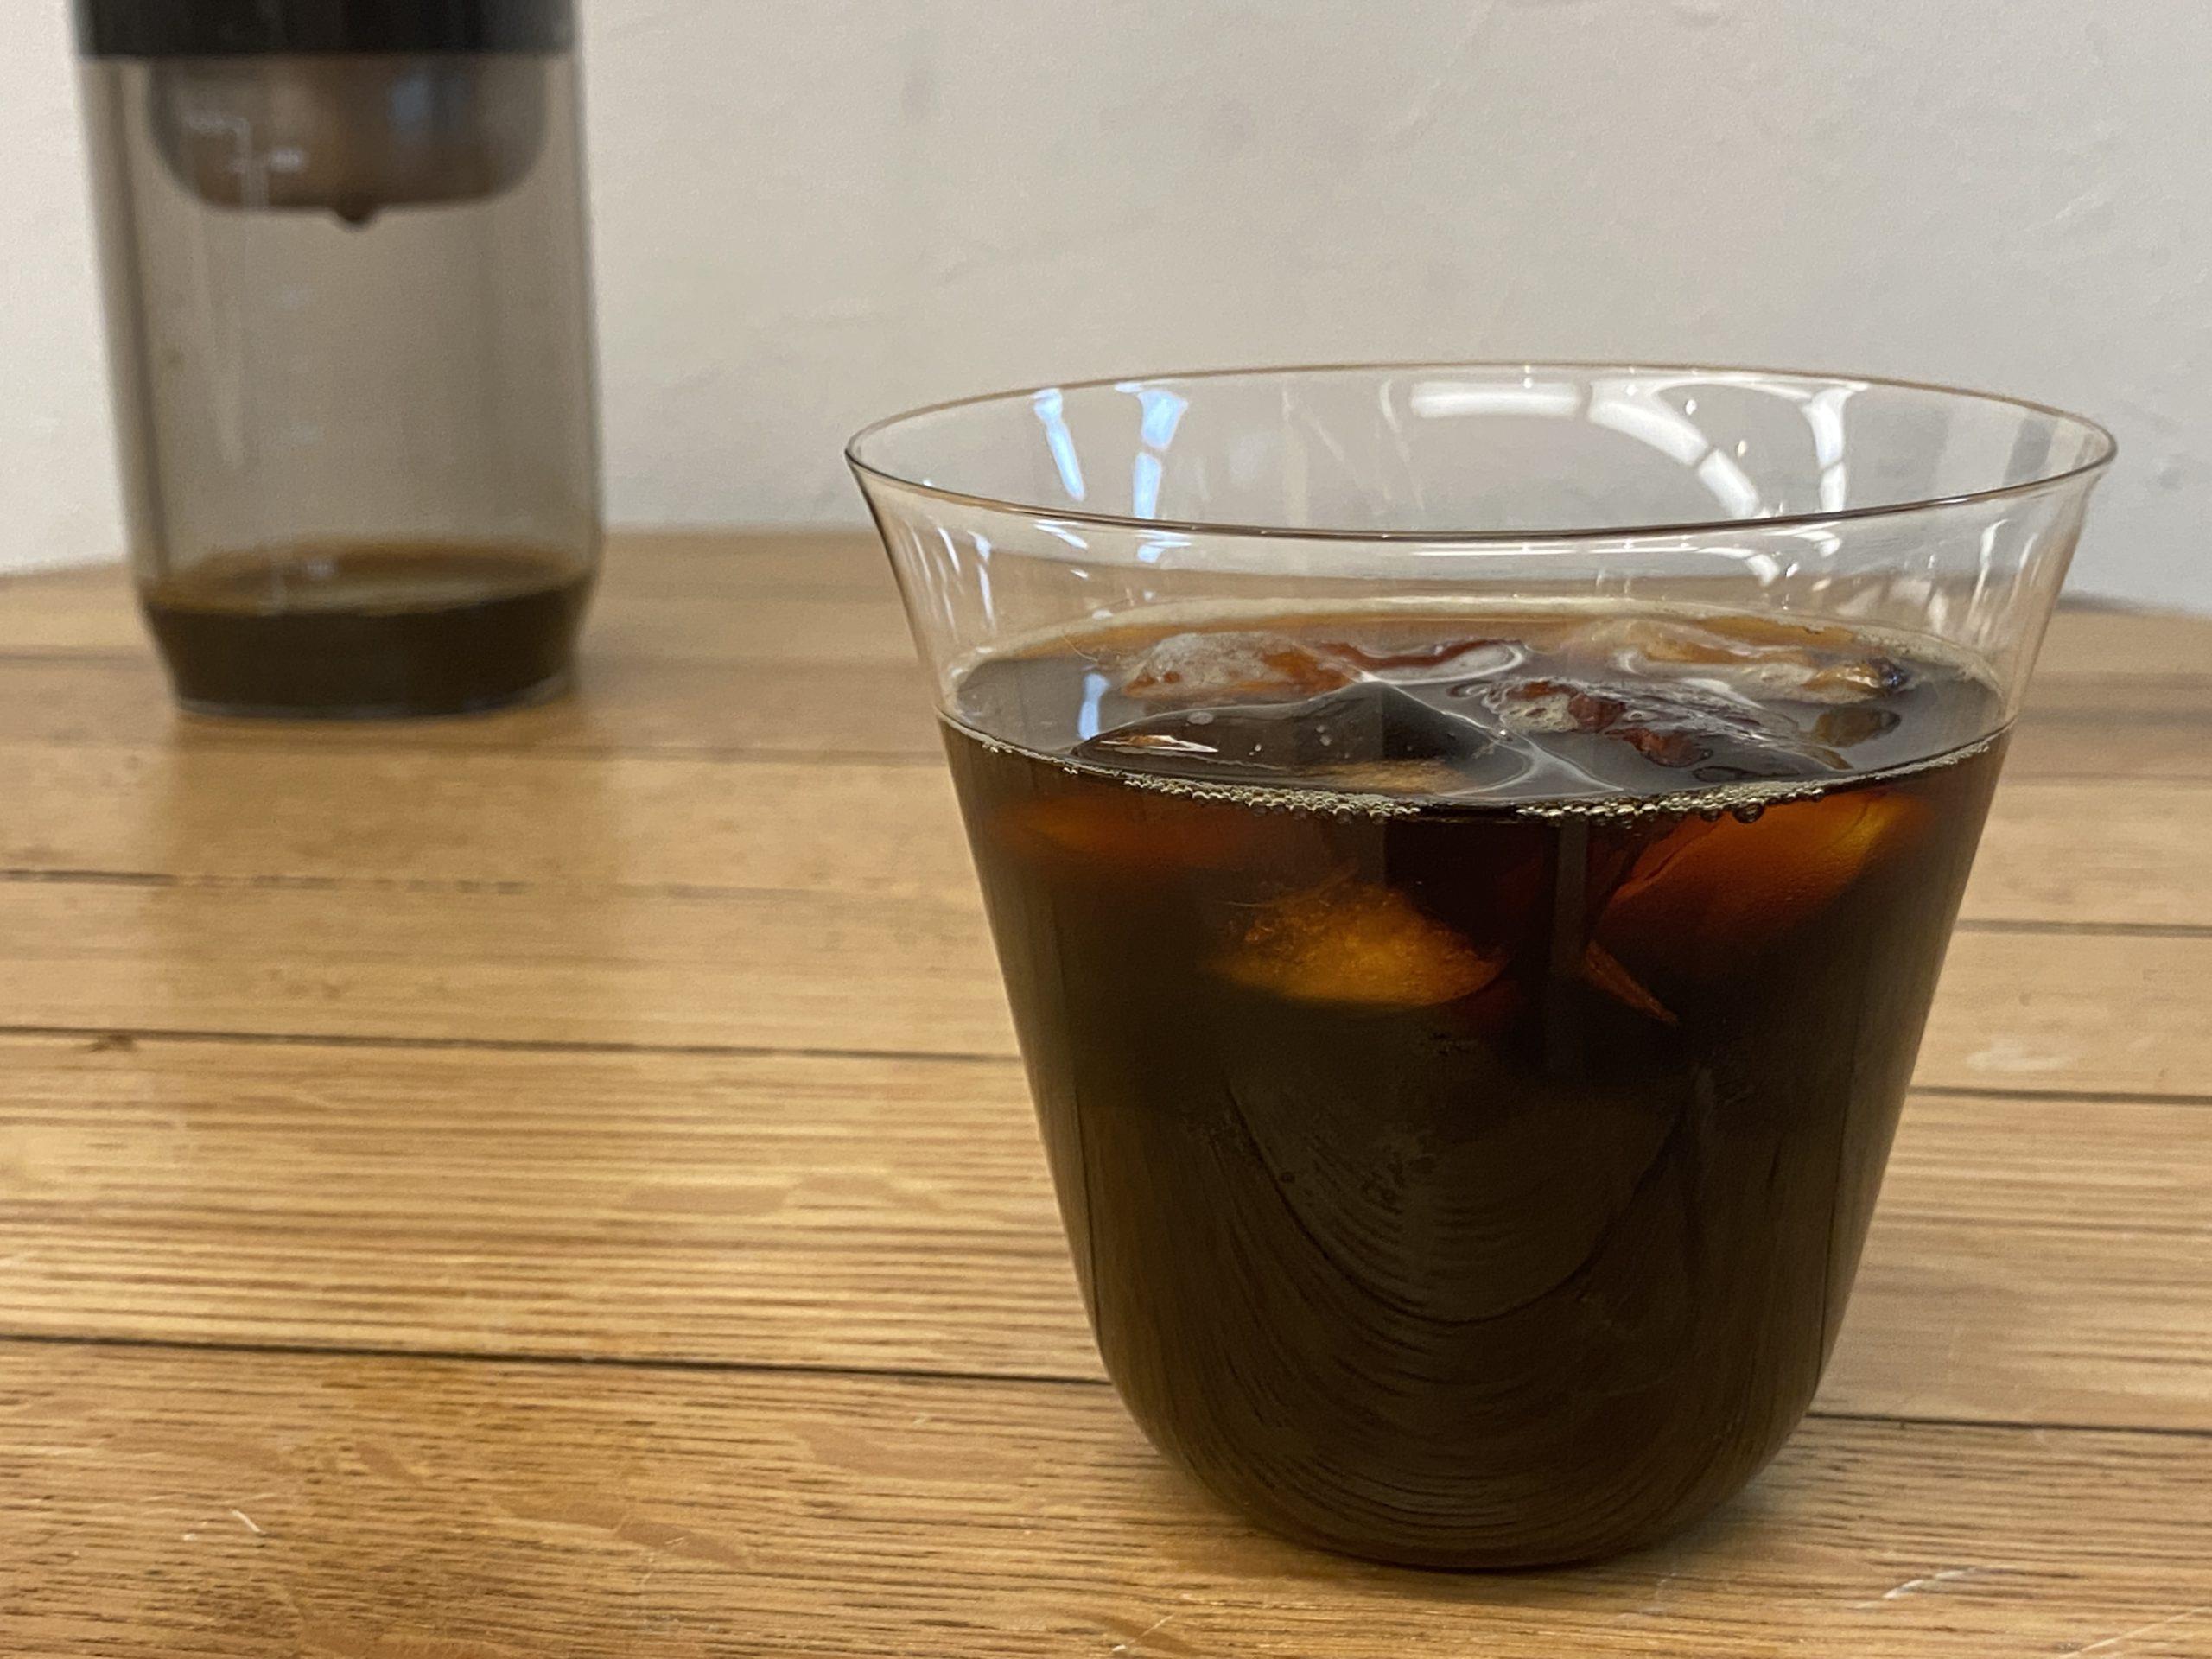 【Wiswell Water Dripper】ウィズウェル ウォータードリッパーで「滴下式水出しコーヒー」(コールドブリュー)